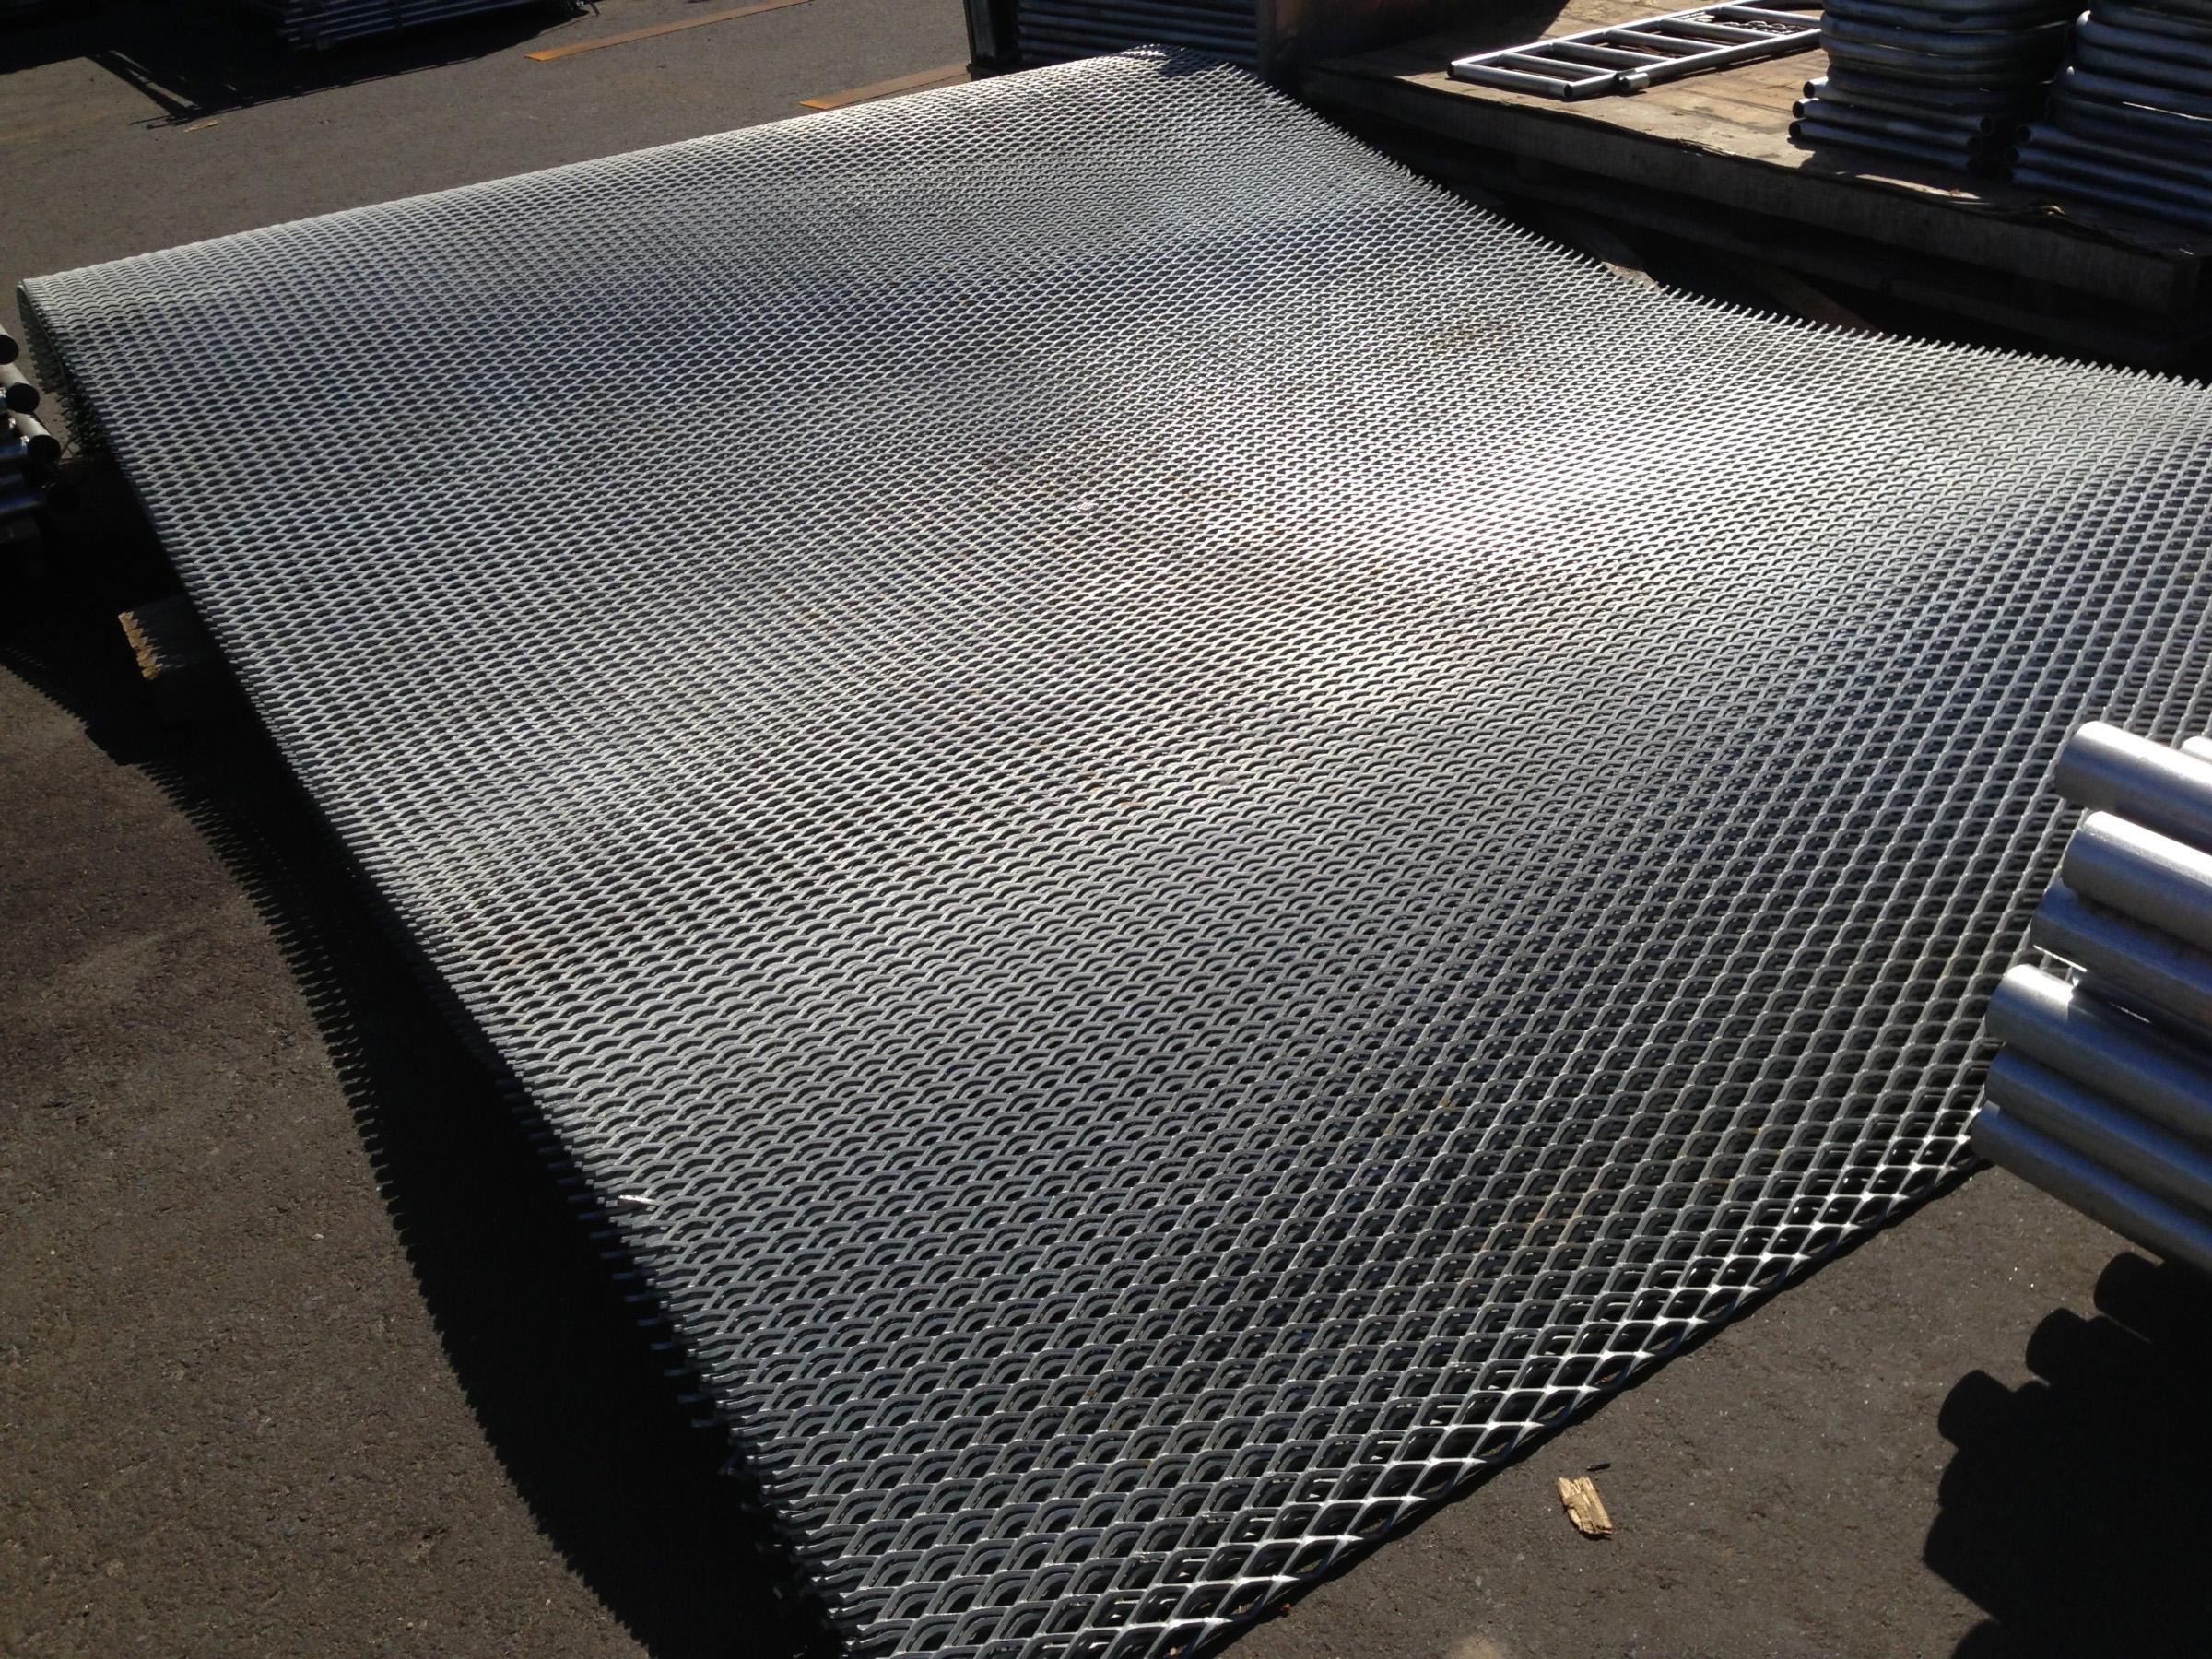 金属扩张网、重型钢板网、脚踏网、冲孔板'铝板网、不锈钢钢板网、粮仓网、天线网、滤芯网、音响网